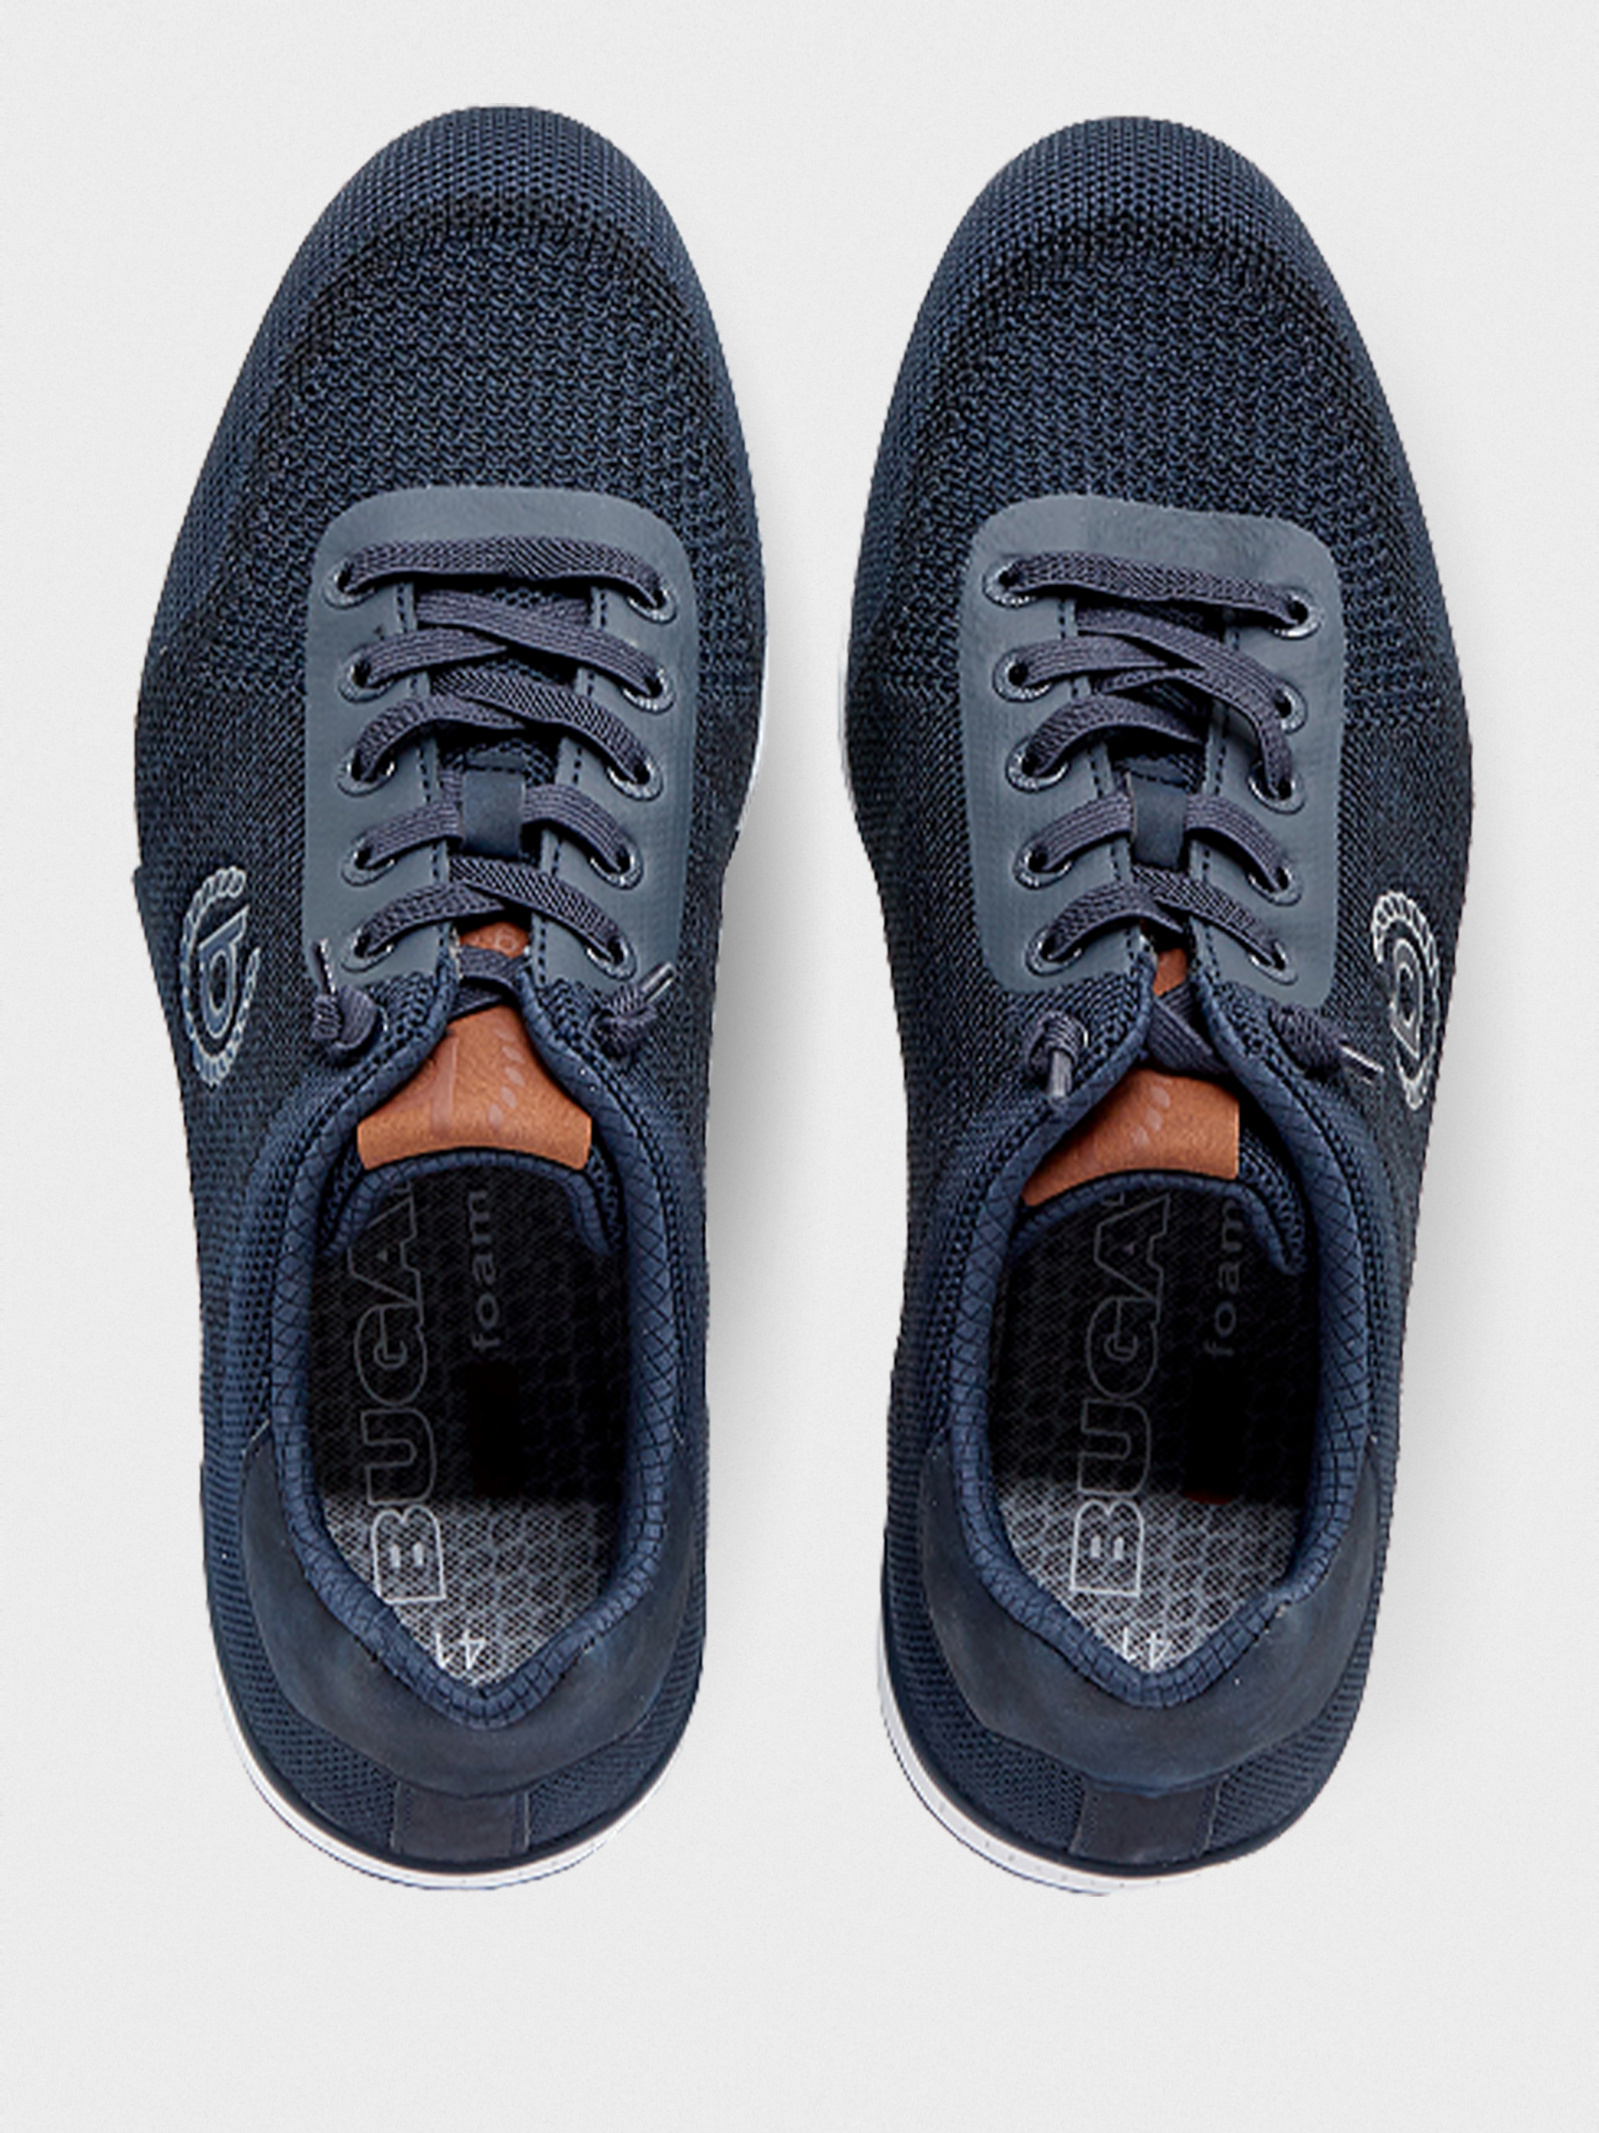 Кроссовки для мужчин Bugatti Sneakers 321-72605-6900-4100 цена, 2017